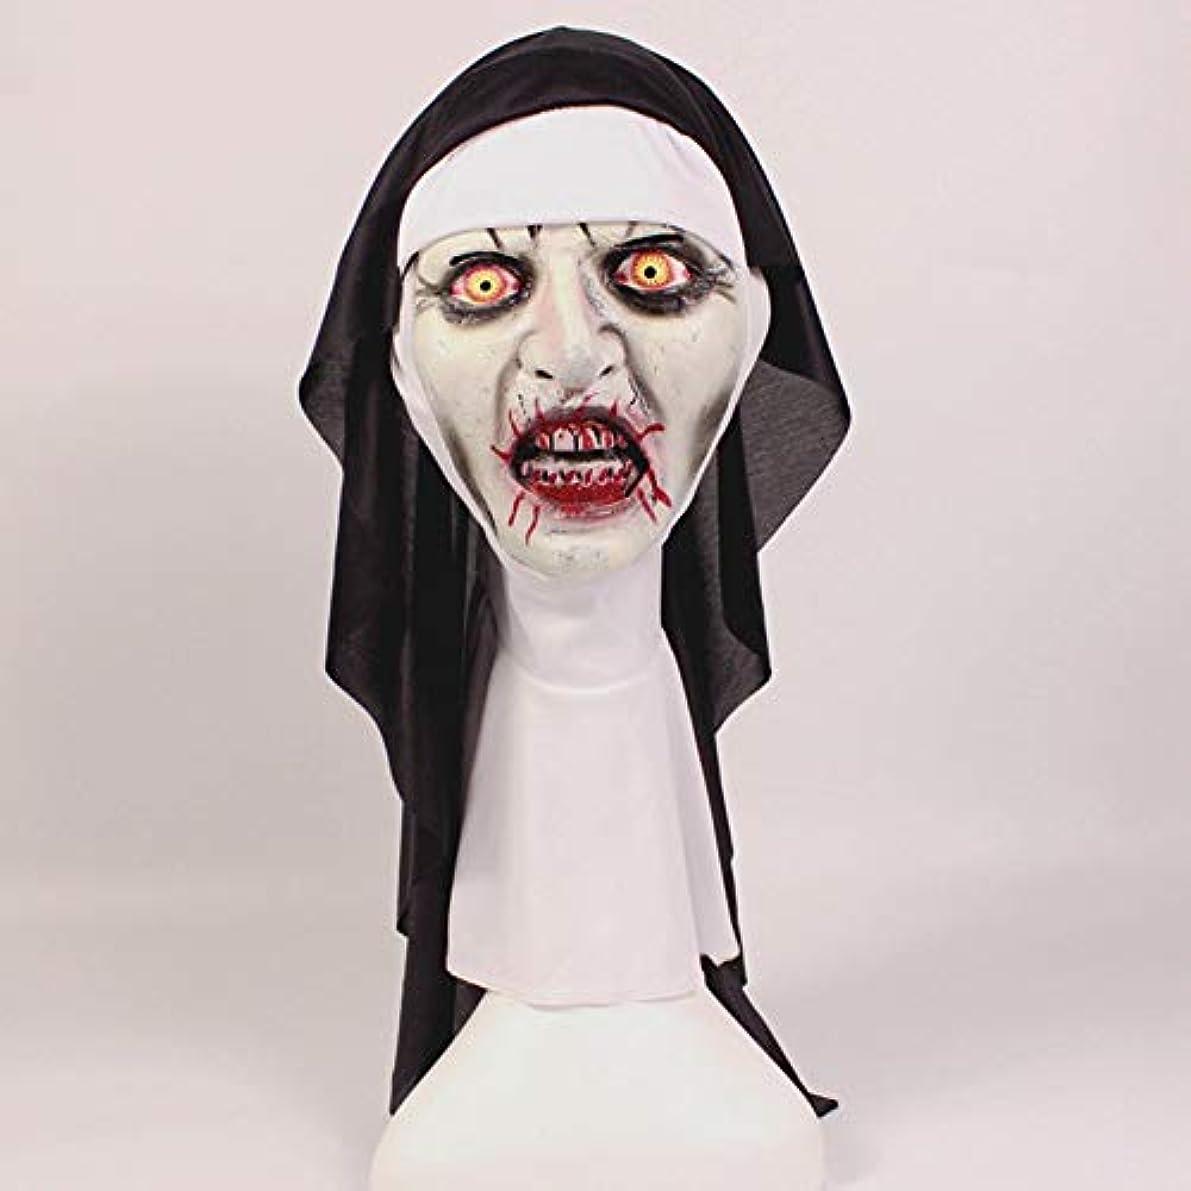 パイ上回る専門知識ハロウィーンホラーマスク、精神的な修道女のマスク、面白い Vizard マスク、パーティー仮装ラテックスマスク